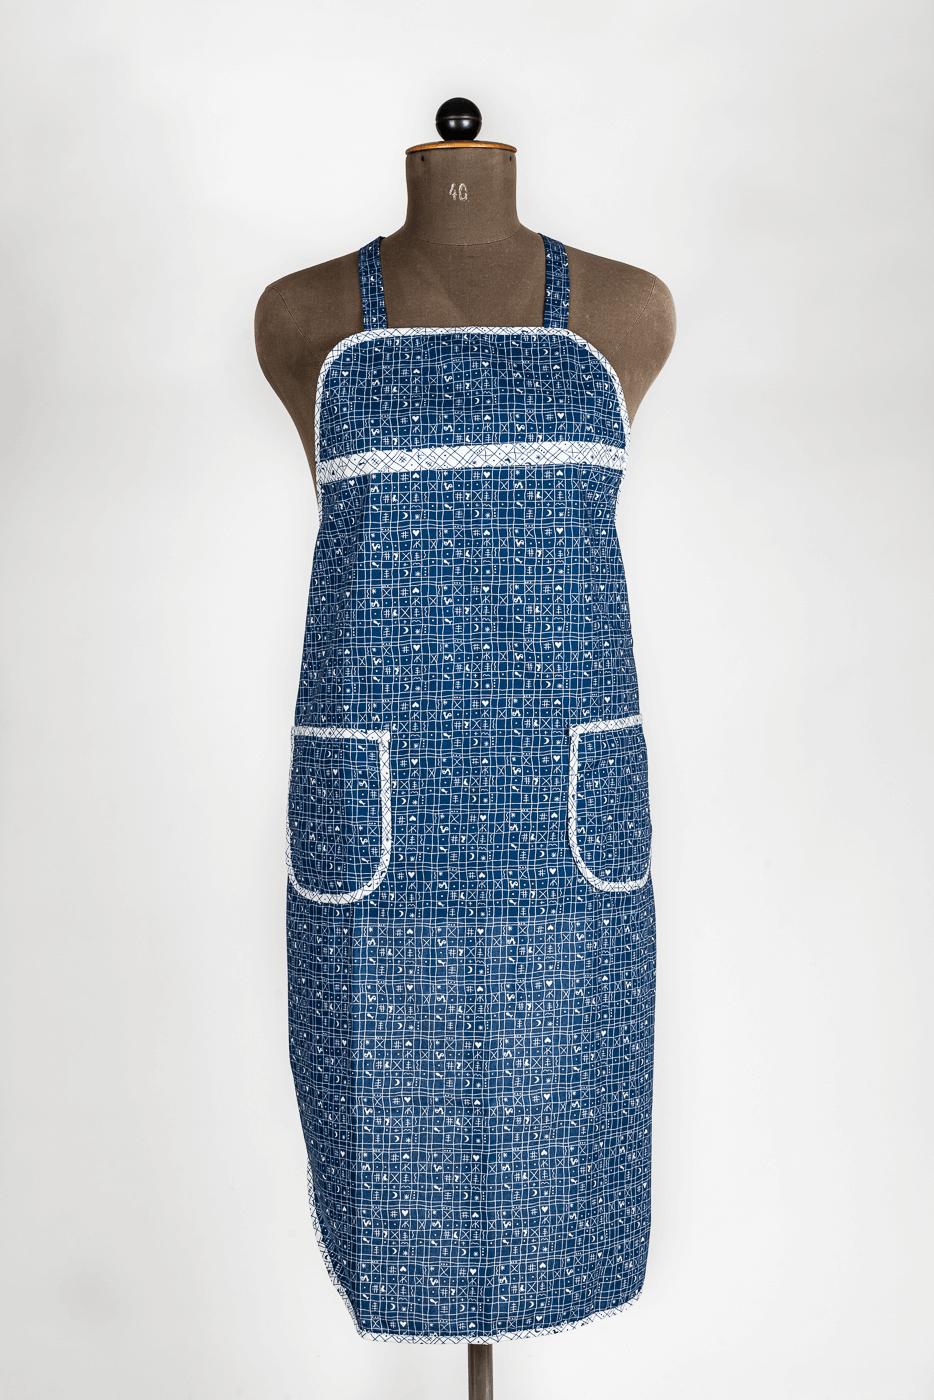 Damenlatzschürze, blau